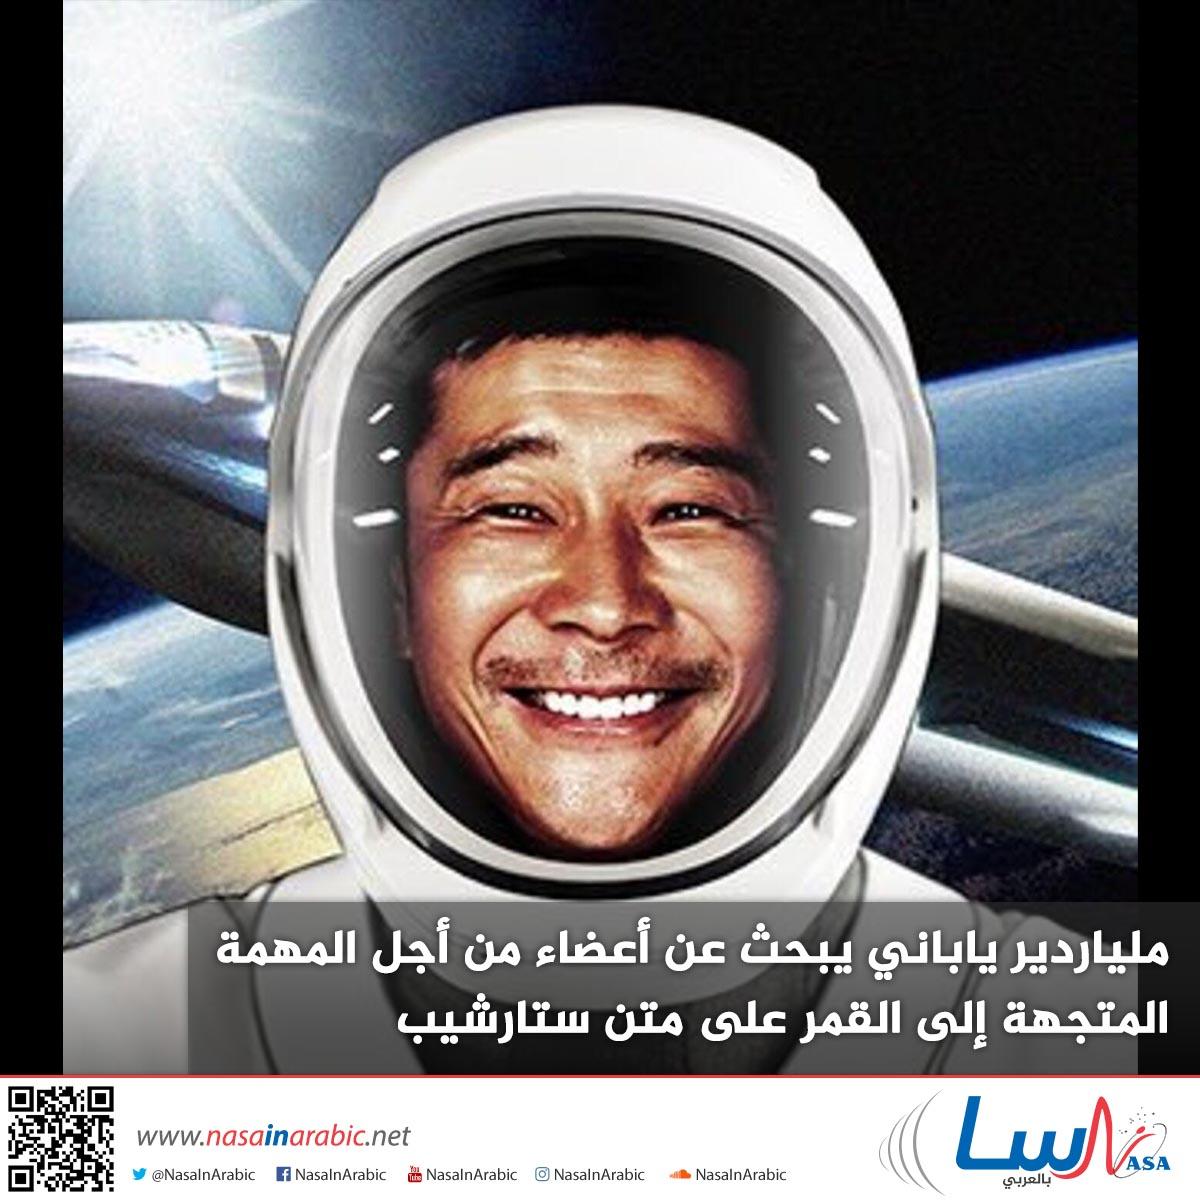 ملياردير ياباني يبحث عن ثمانية أعضاء من أجل المهمة المتجهة إلى القمر على متن ستارشيب التابعة لسبيس إكس